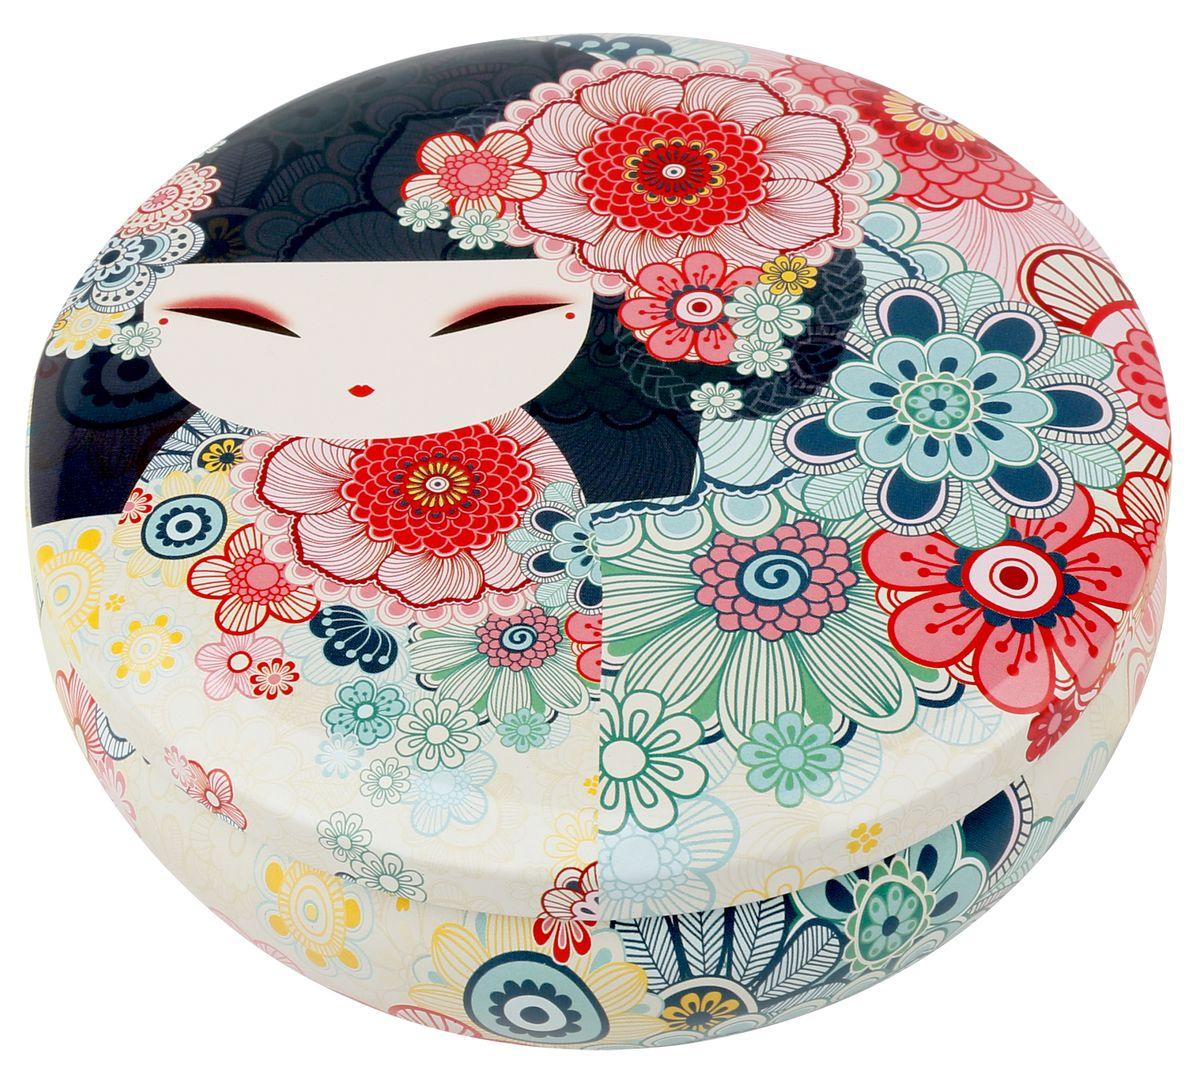 Шкатулка жестяная Kimmidoll Тамако (Совершенство). KH096328907 4Шкатулка Kimmidoll Тамако (Совершенство) изготовлена из жести и оформлена изображением японской куколки кокеши. Шкатулка содержит вместительное отделение, надежно закрывающееся крышкой.Такая шкатулка не только надежно сохранит вашу бижутерию, но и станет необычным украшением интерьера.Привет, меня зовут Тамако! Я талисман совершенства! Мной восхищаются и обожают. Ваша внутренняя красота и природное совершенство являются истинным проявлением моего удивительного духа. Пусть изысканность вашей души ярко светит в этом мире, чтобы все смогли насладиться её прекрасным светом.